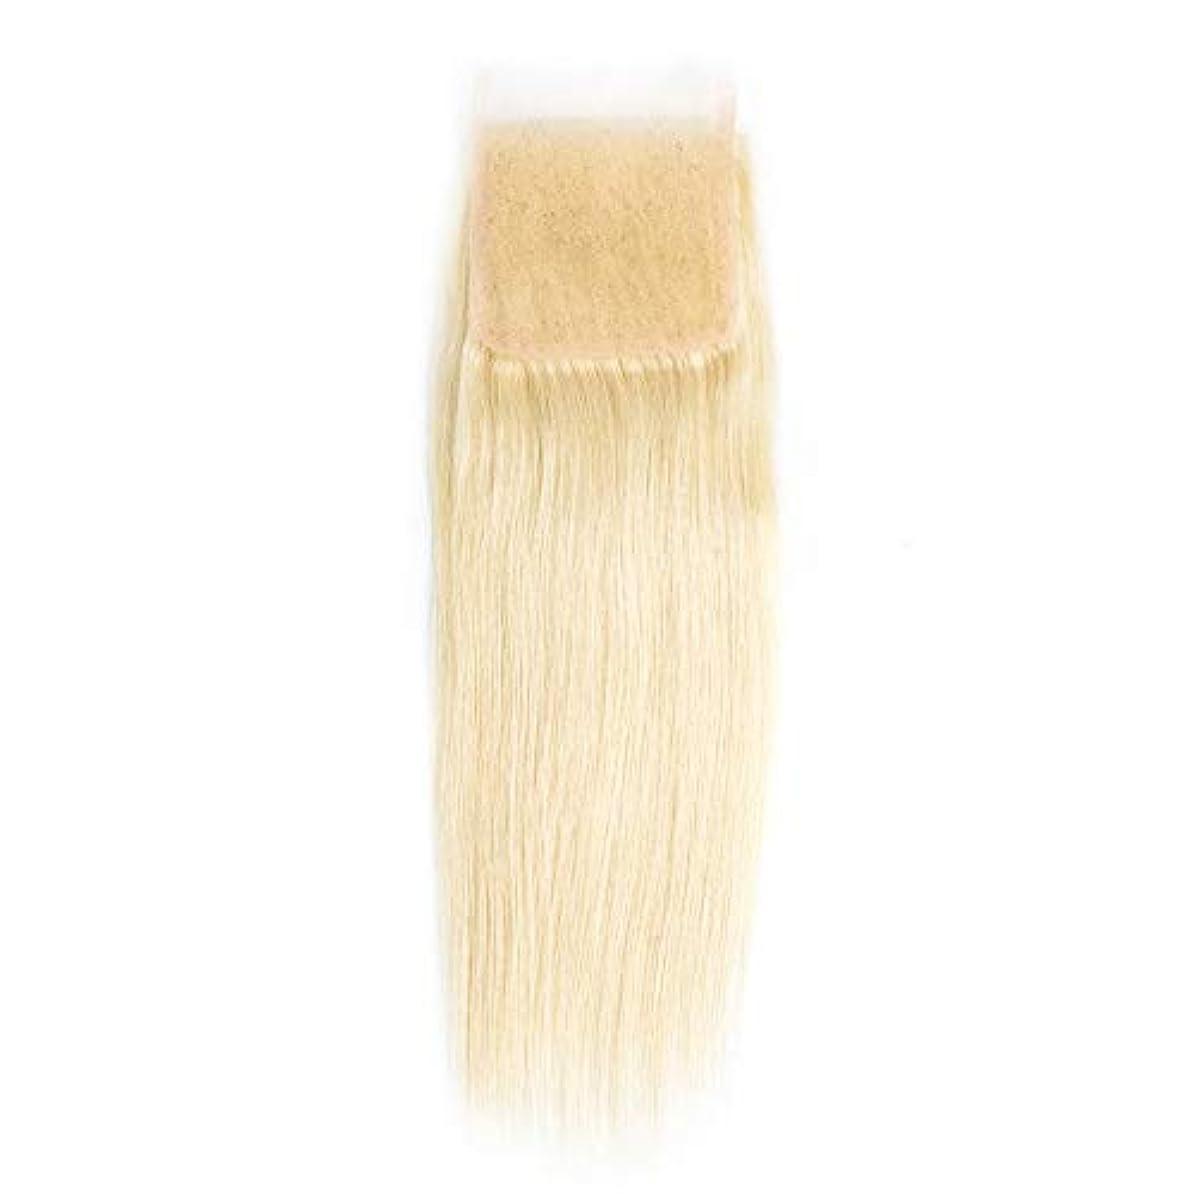 繊細暴君クリップWASAIO ヘアエクステンションクリップUnseamedブロンド髪のブラジルのレースフロンタル閉鎖きちんと人間の髪4 * 4の上の閉鎖 (サイズ : 18 inch)